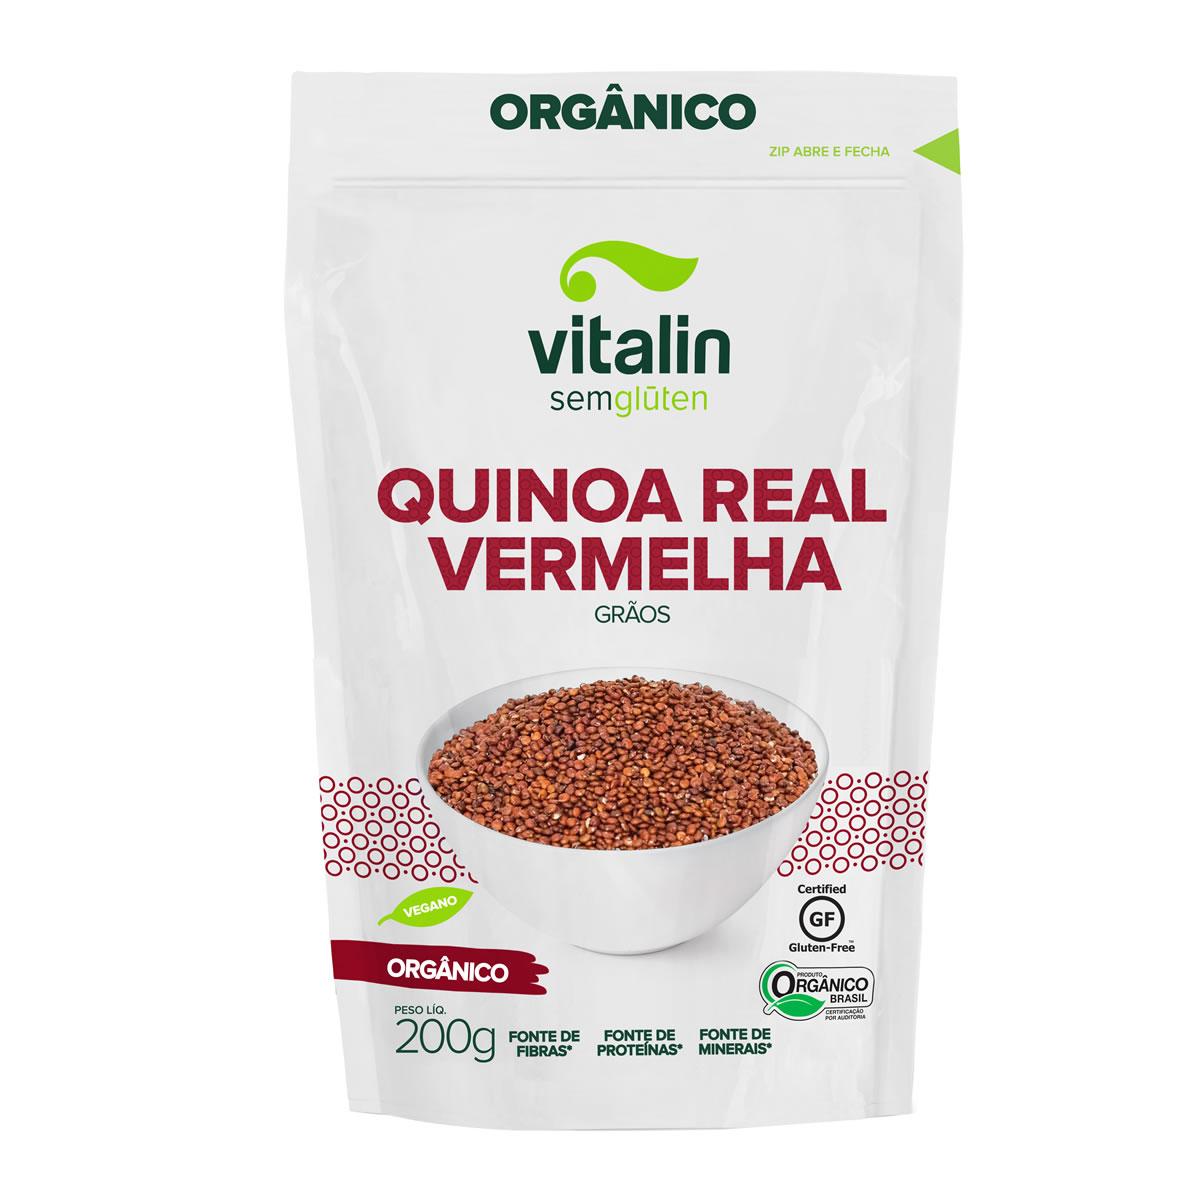 Quinoa Real Vermelha em Grãos Orgânico 200g - Vitalin